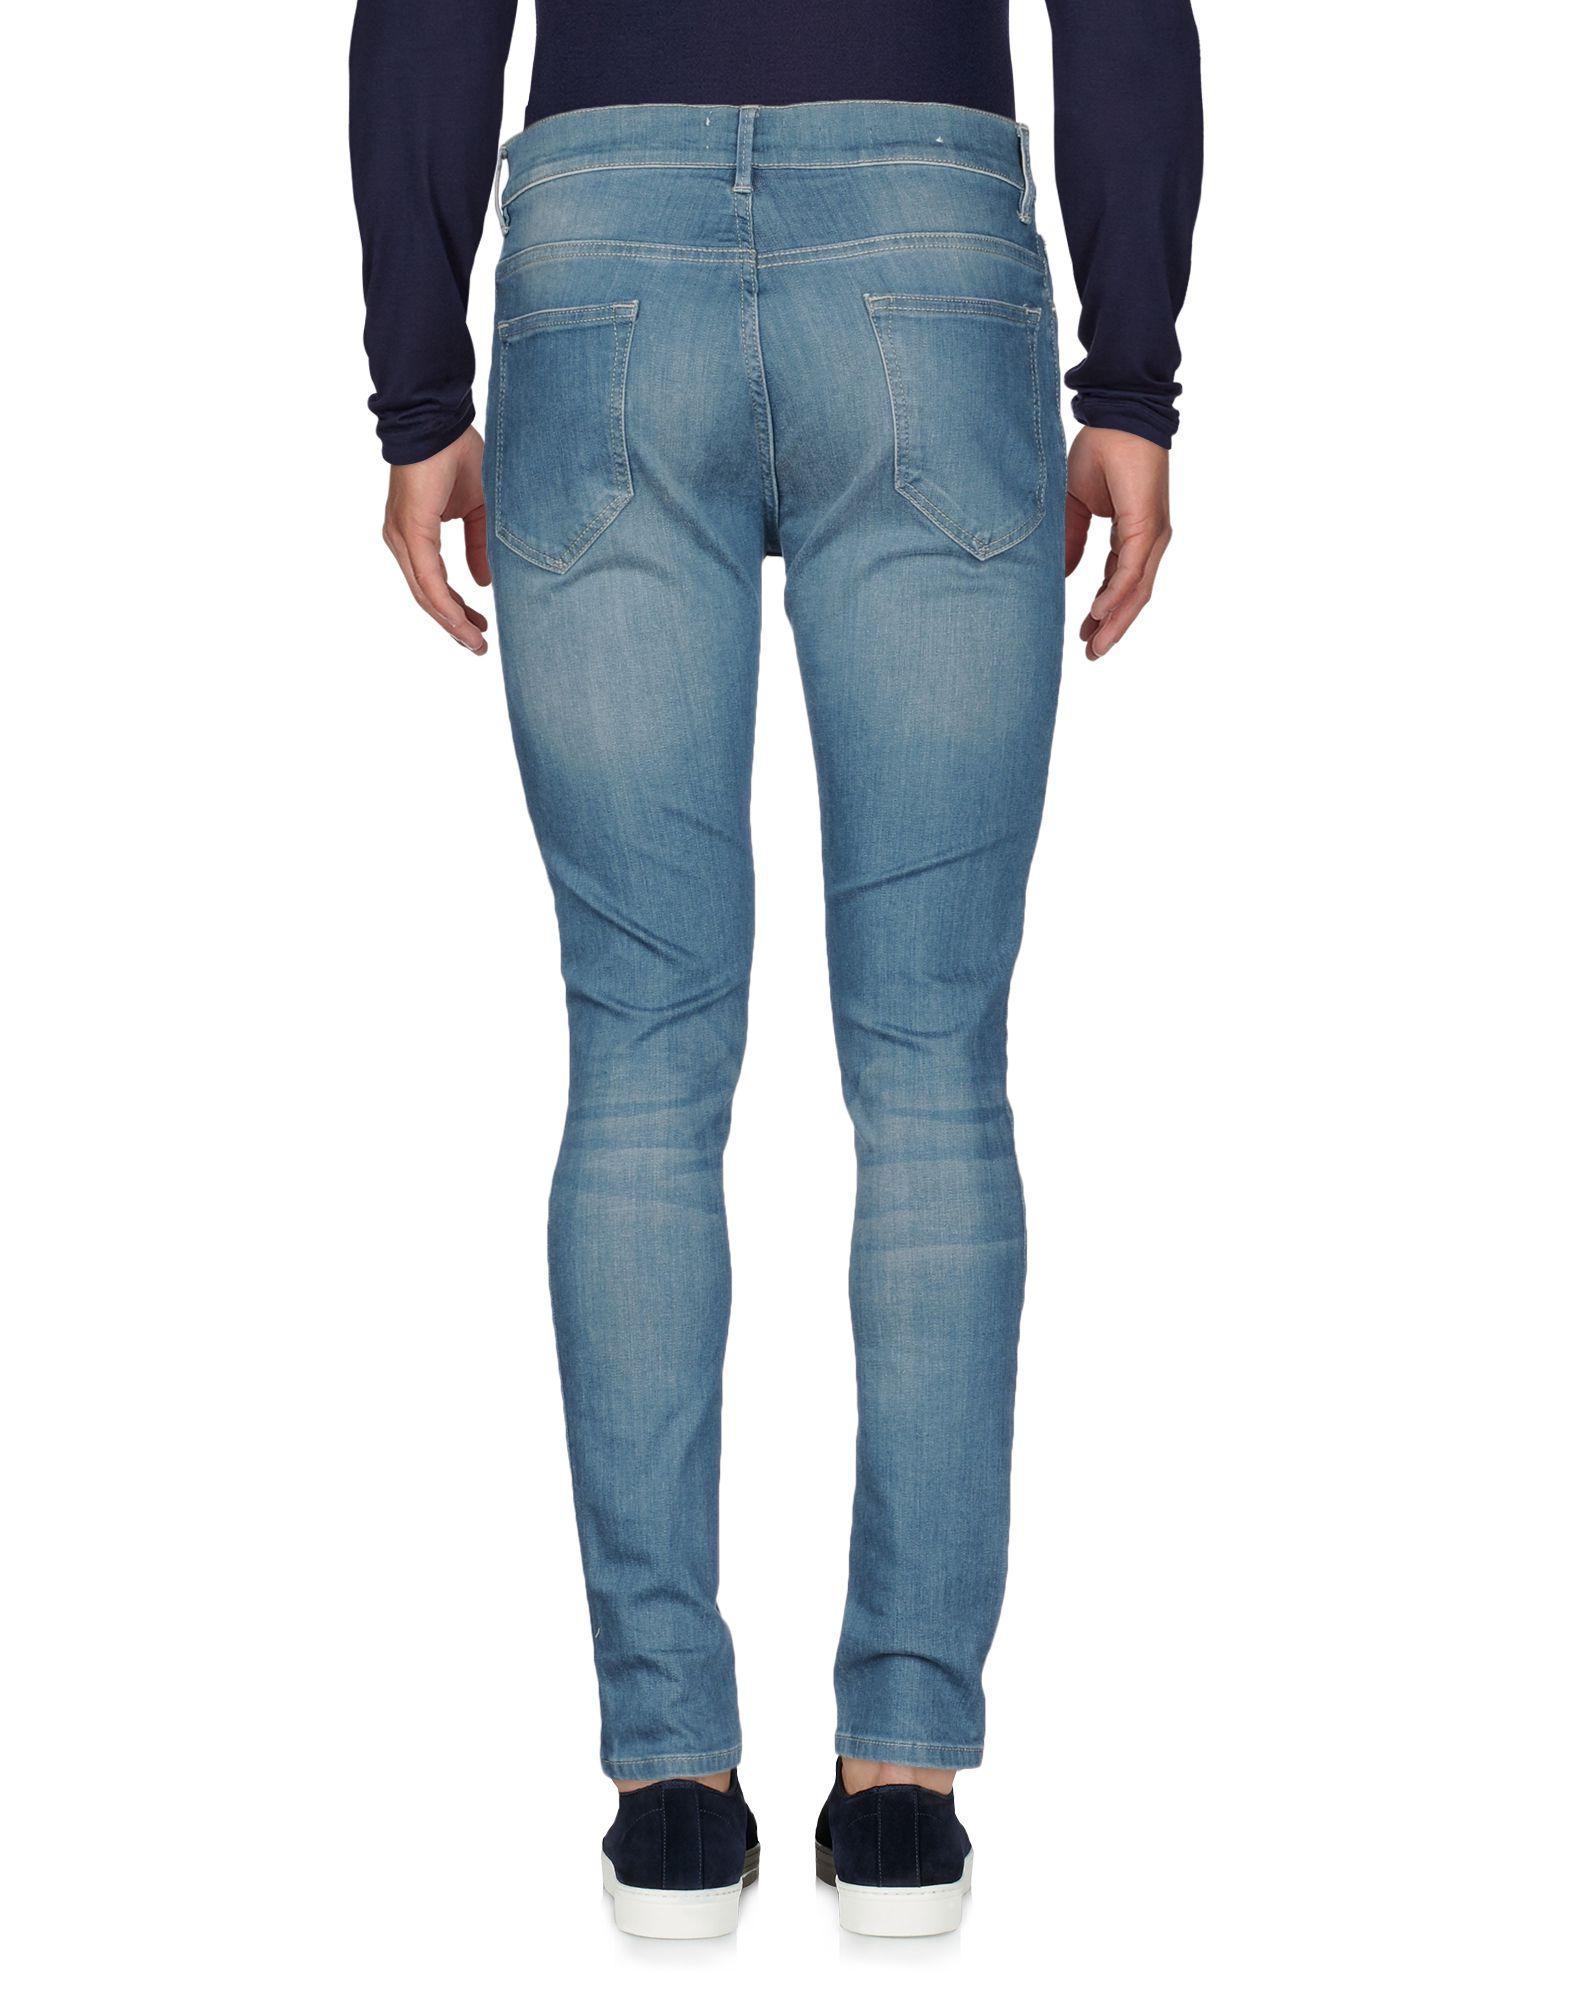 Pantaloni Jeans Topman Uomo - 42683381JX 42683381JX - 84ed7a